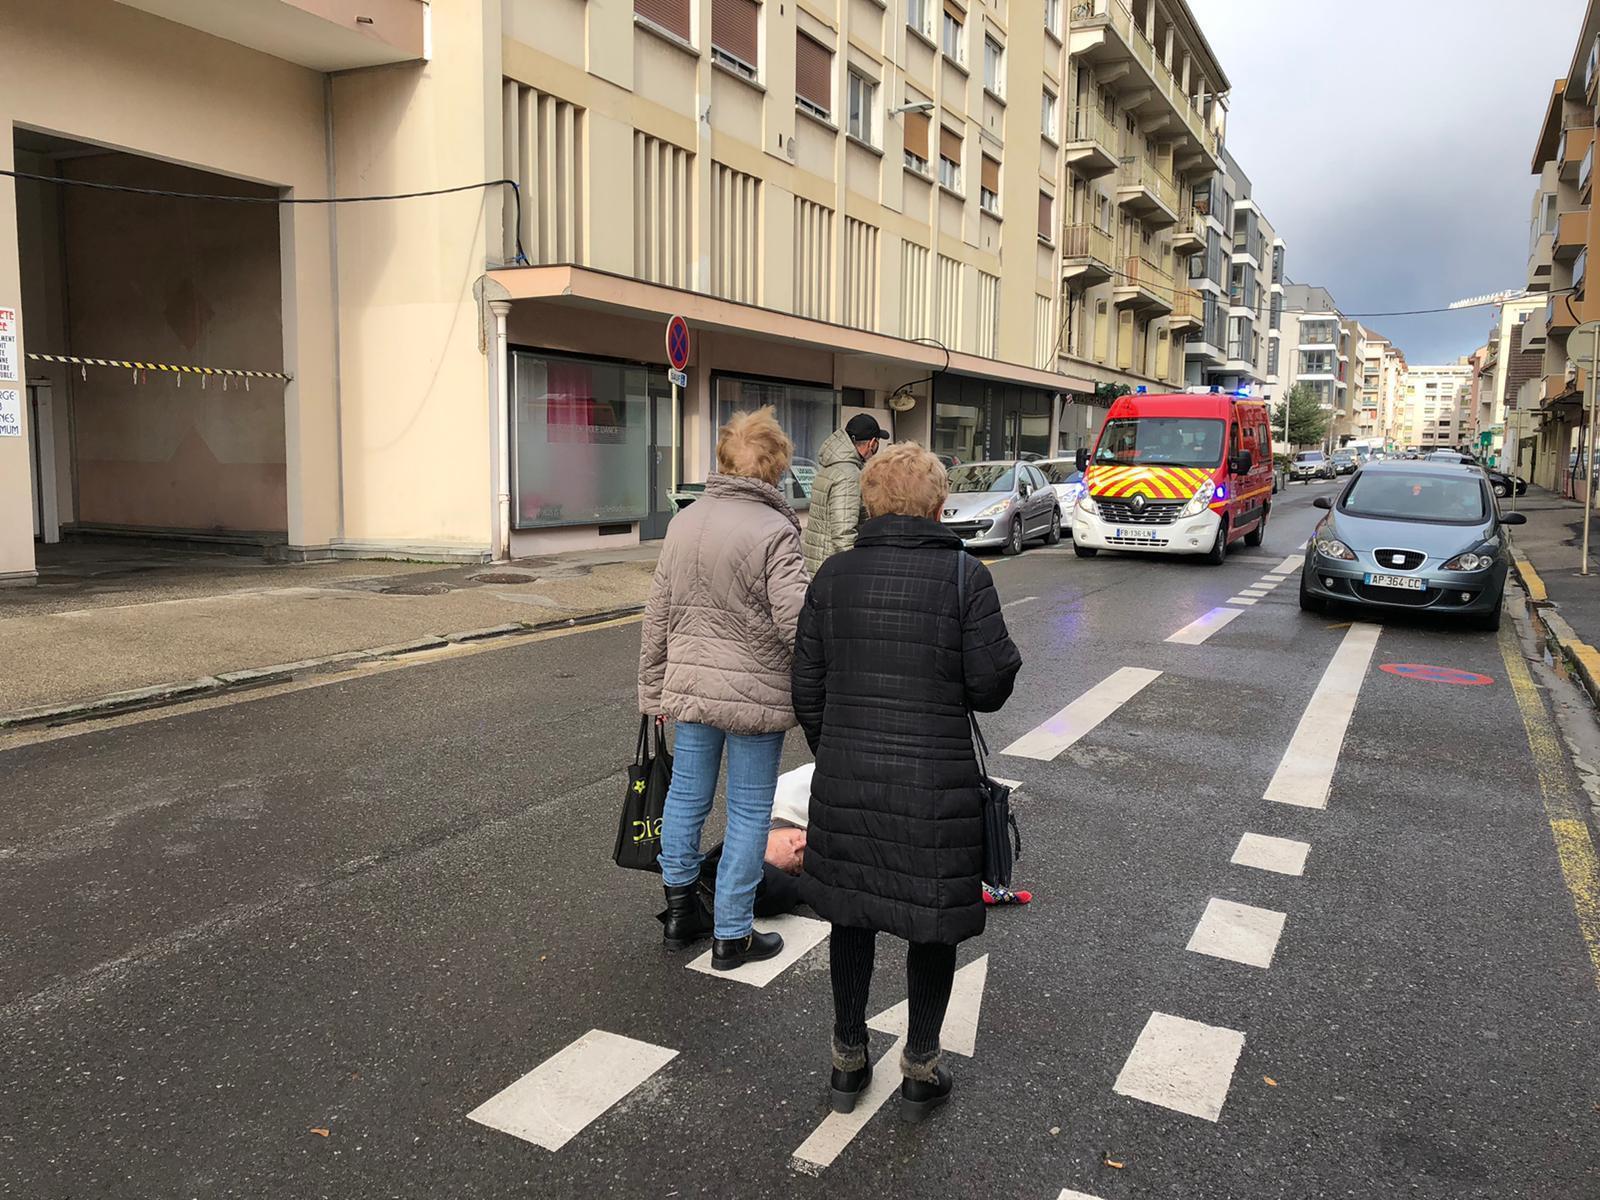 Annemasse : âgé de 83 ans et atteint du Covid, il s'écroule en pleine rue